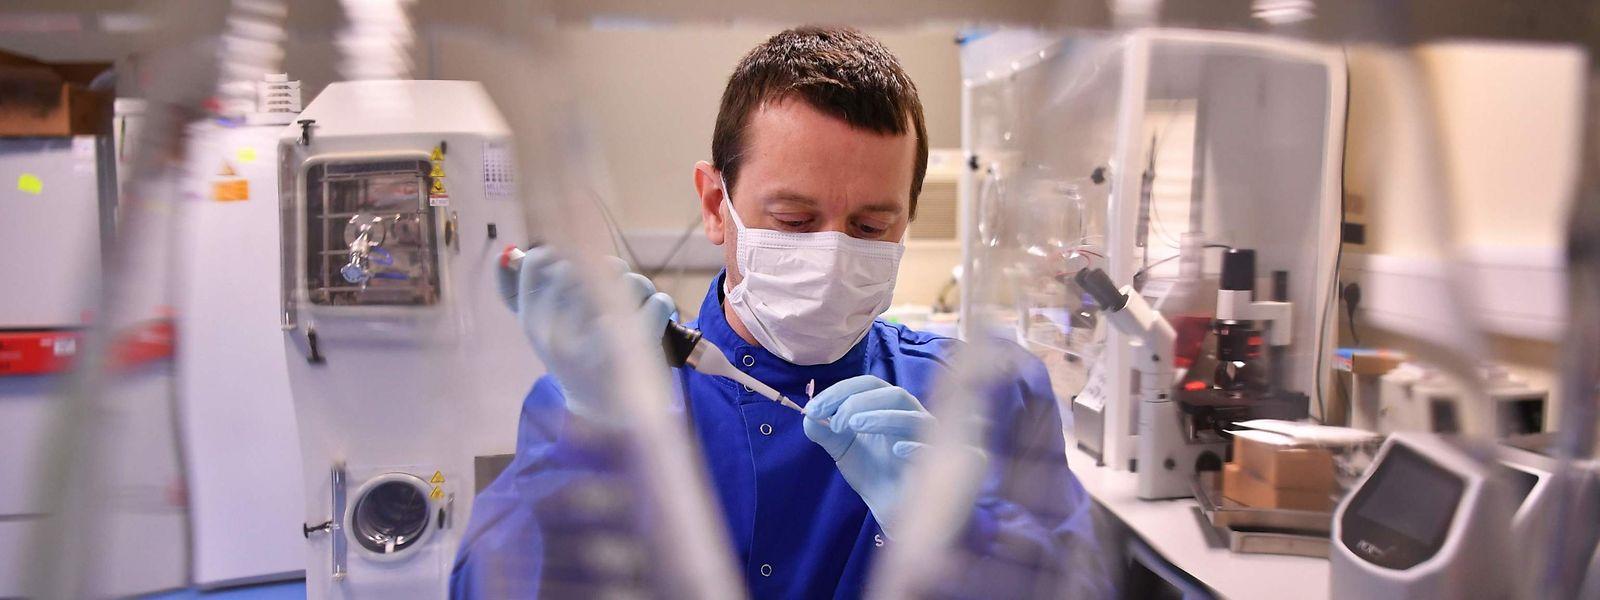 Le fait que des centaines de laboratoires, publics et privés, travaillent sur la recherche du vaccin devrait accélérer sa découverte.